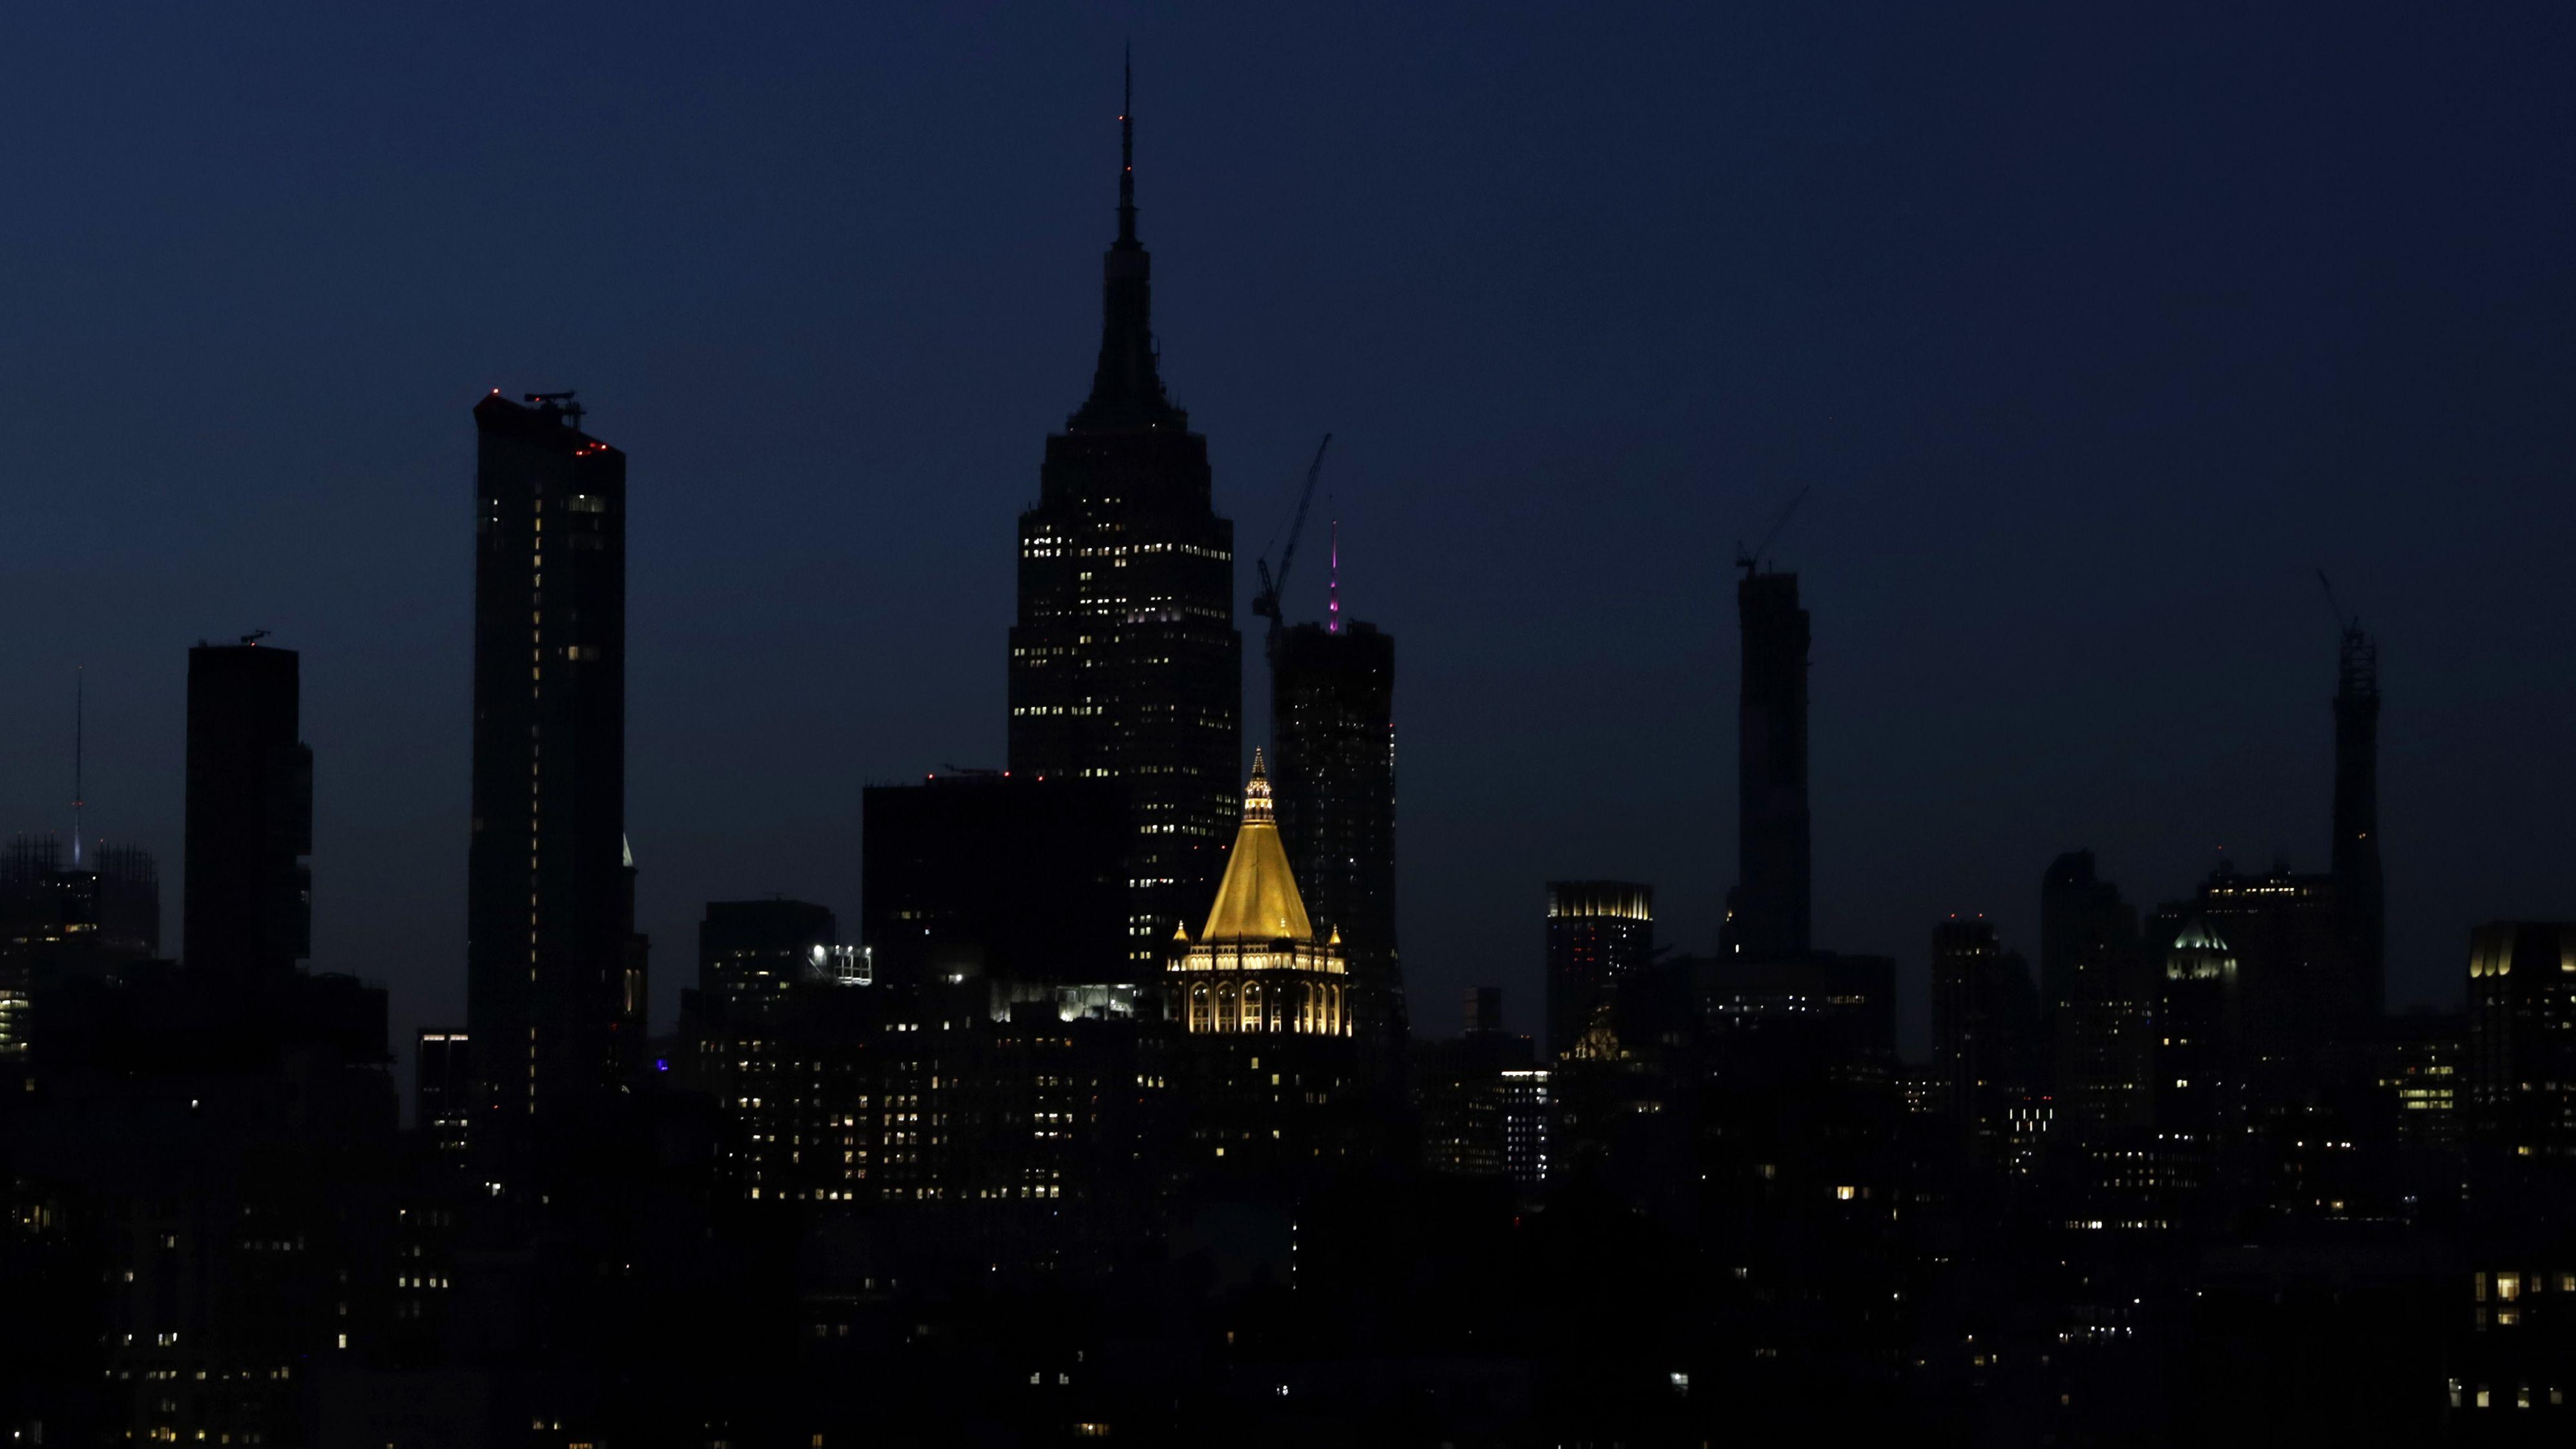 Seltener Anblick: Das berühmte Empire State Building in New York unbeleuchtet. Ein Stromausfall legte am Samstagabend Teile der Stadt lahm.